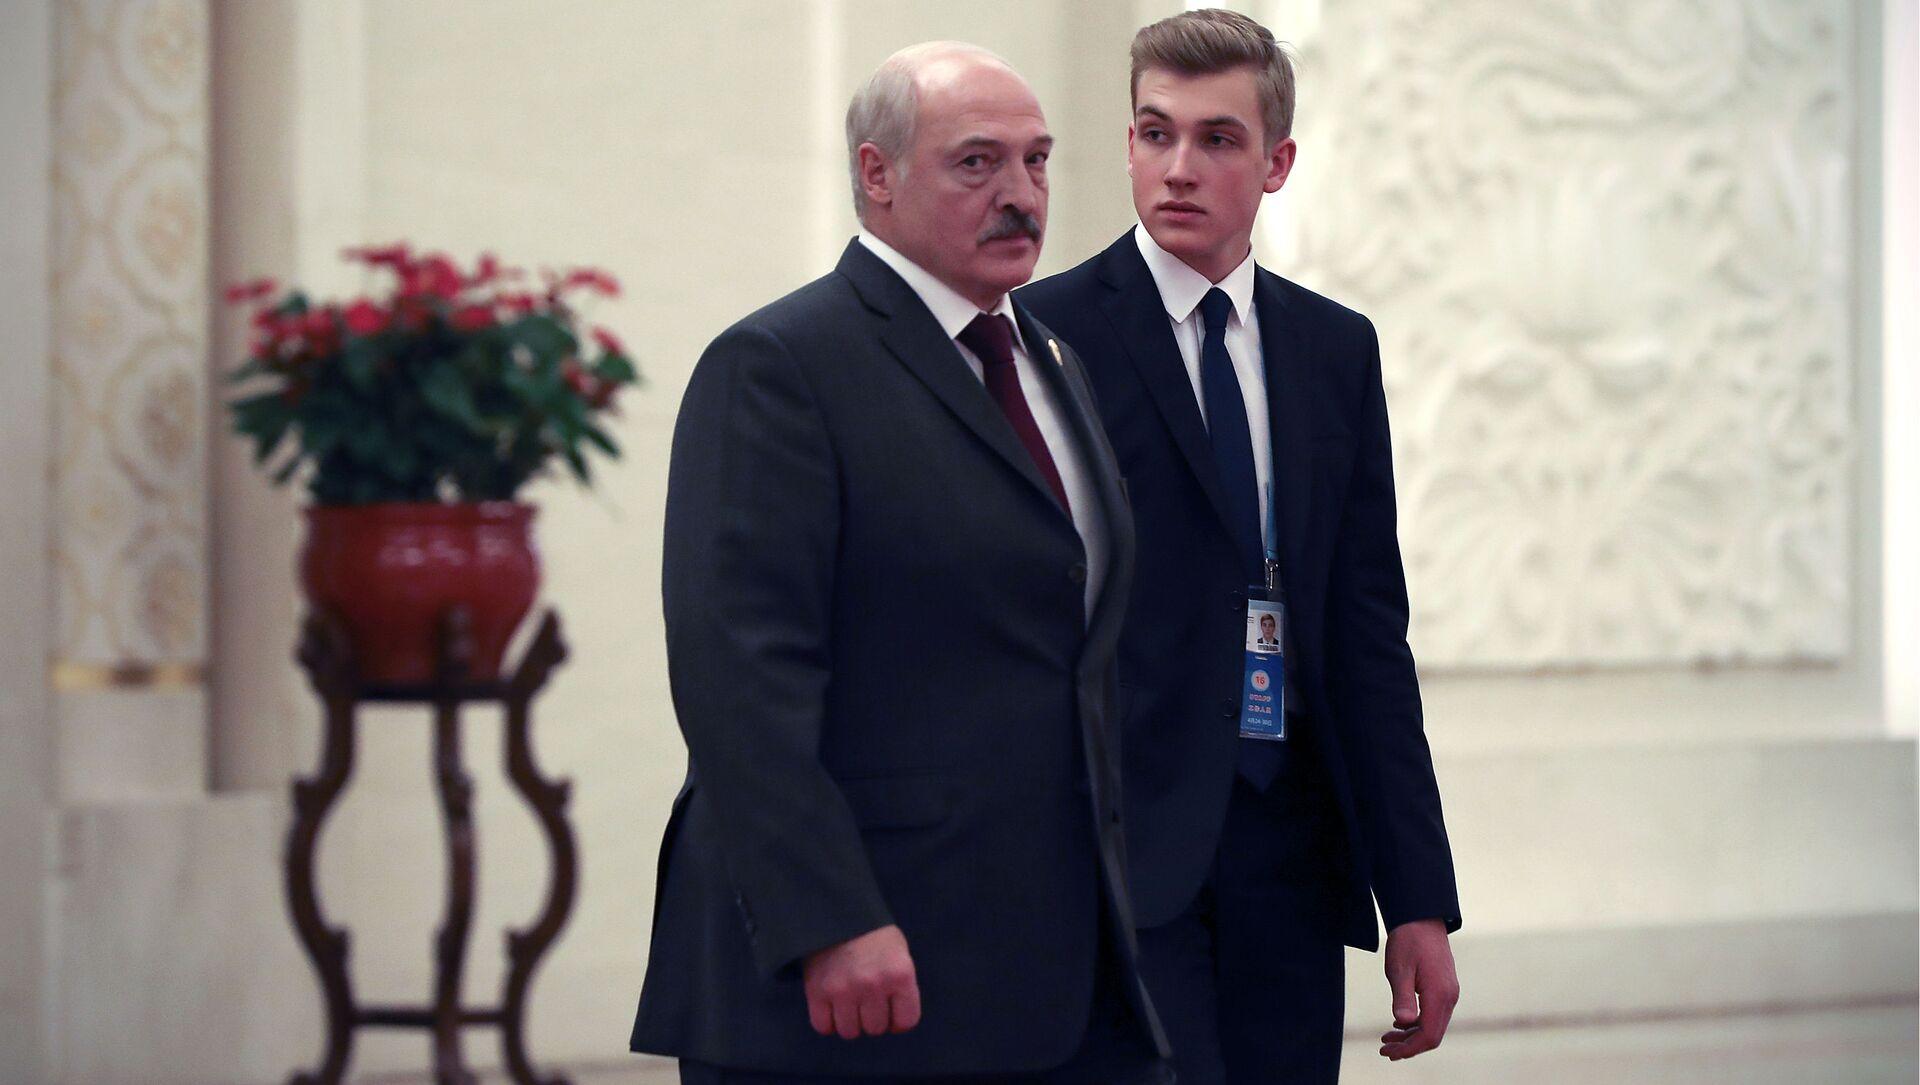 Prezydent Białorusi Aleksandr Łukaszenka z synem Nikołajem. - Sputnik Polska, 1920, 26.02.2021